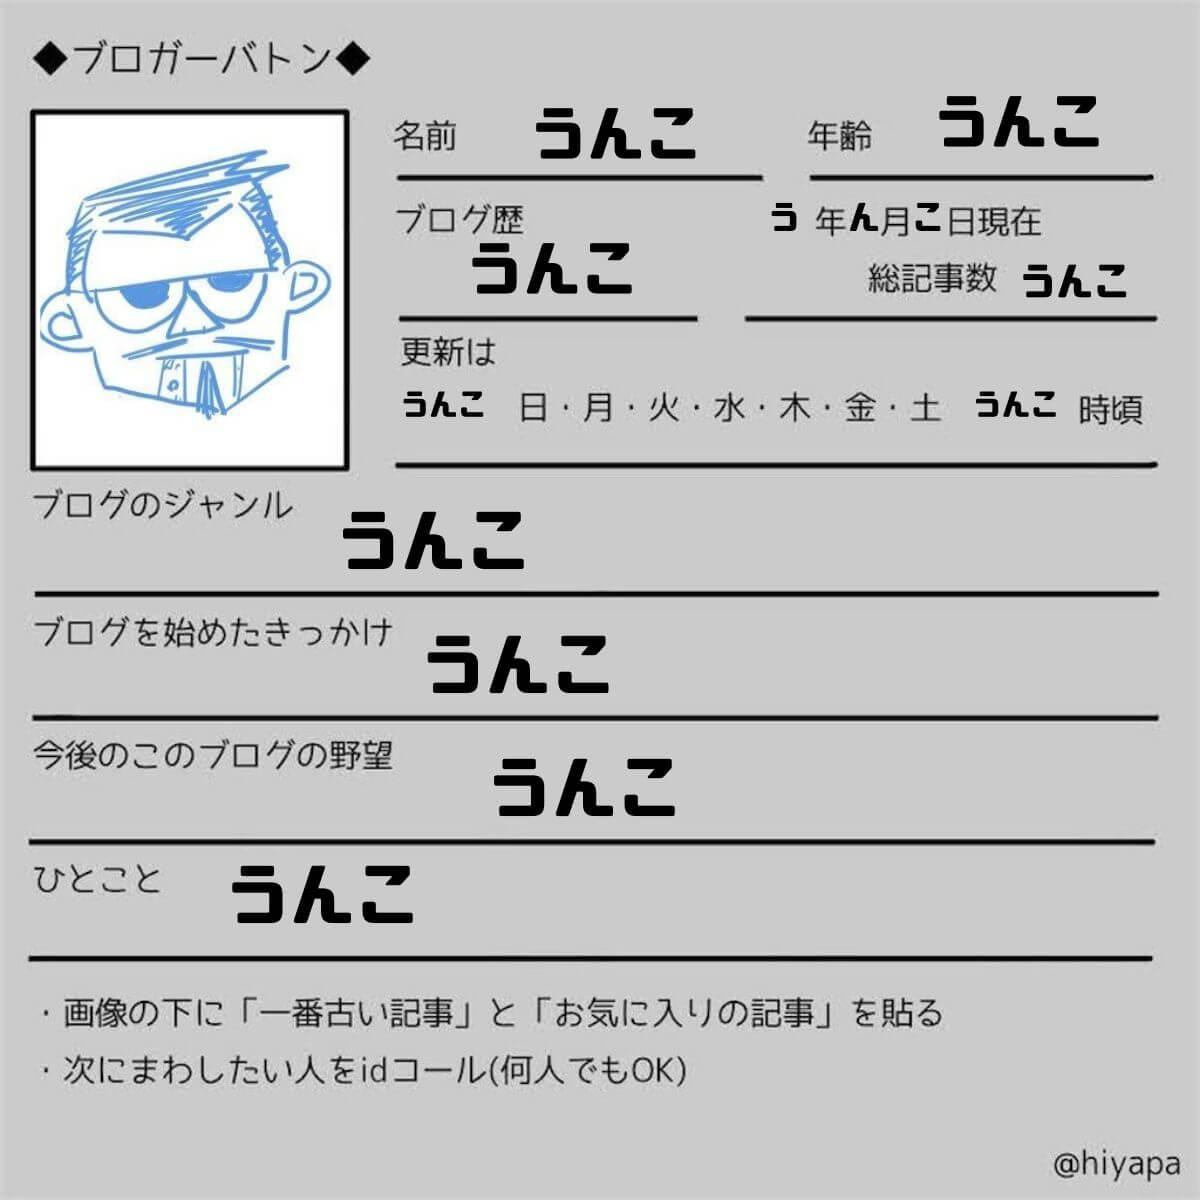 f:id:tosakax:20200818215618p:plain